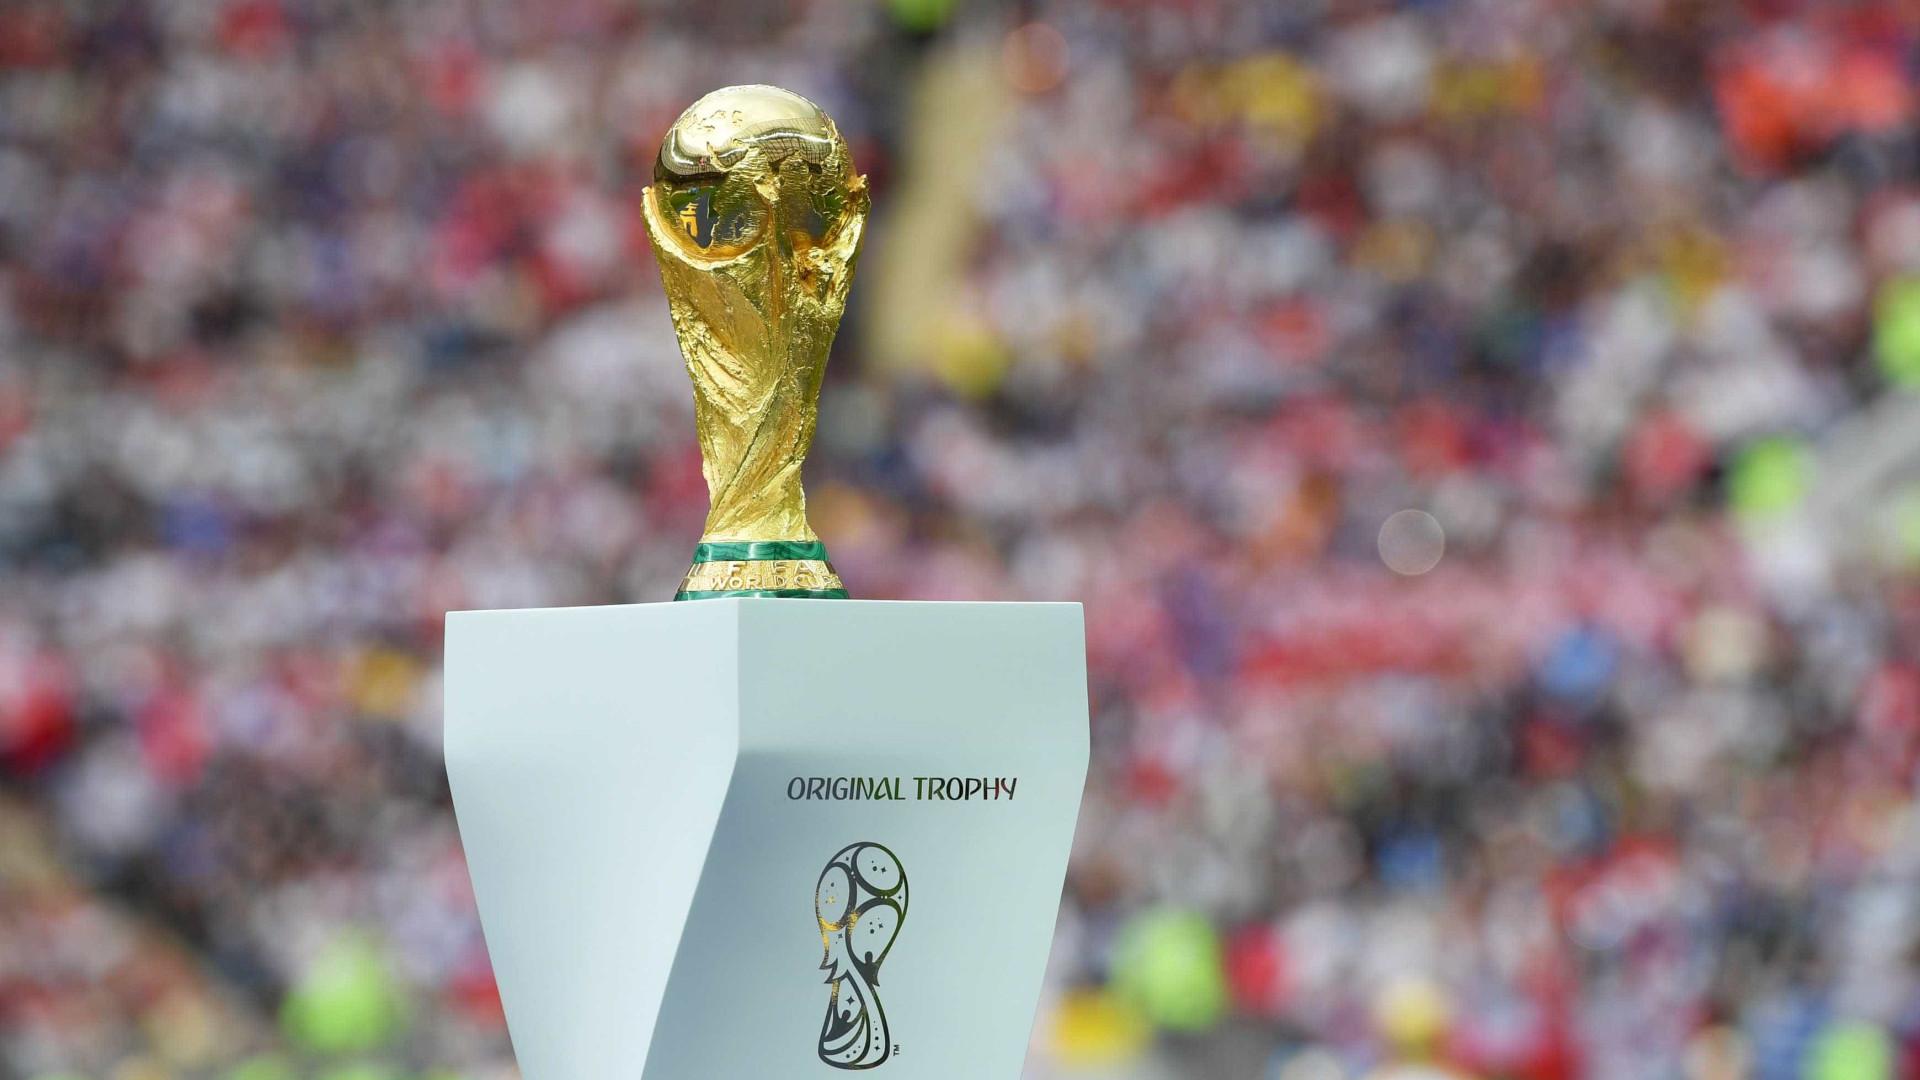 Para onde vai a taça da Copa do Mundo após a comemoração?